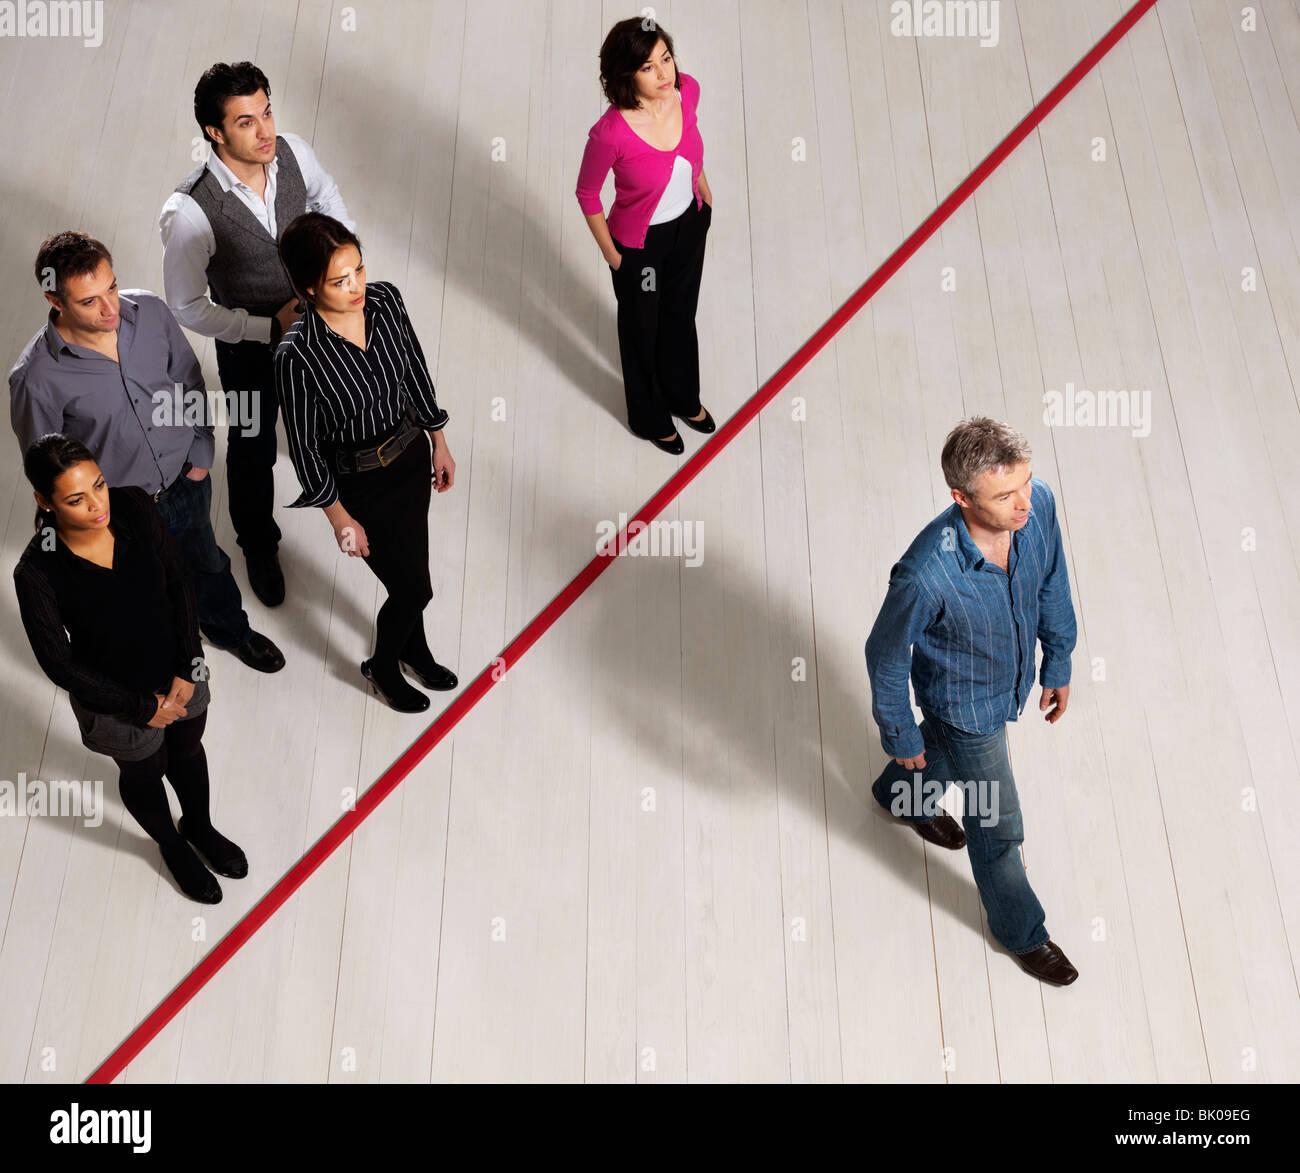 Los hombres y mujeres de negocios cruzando la línea roja Imagen De Stock